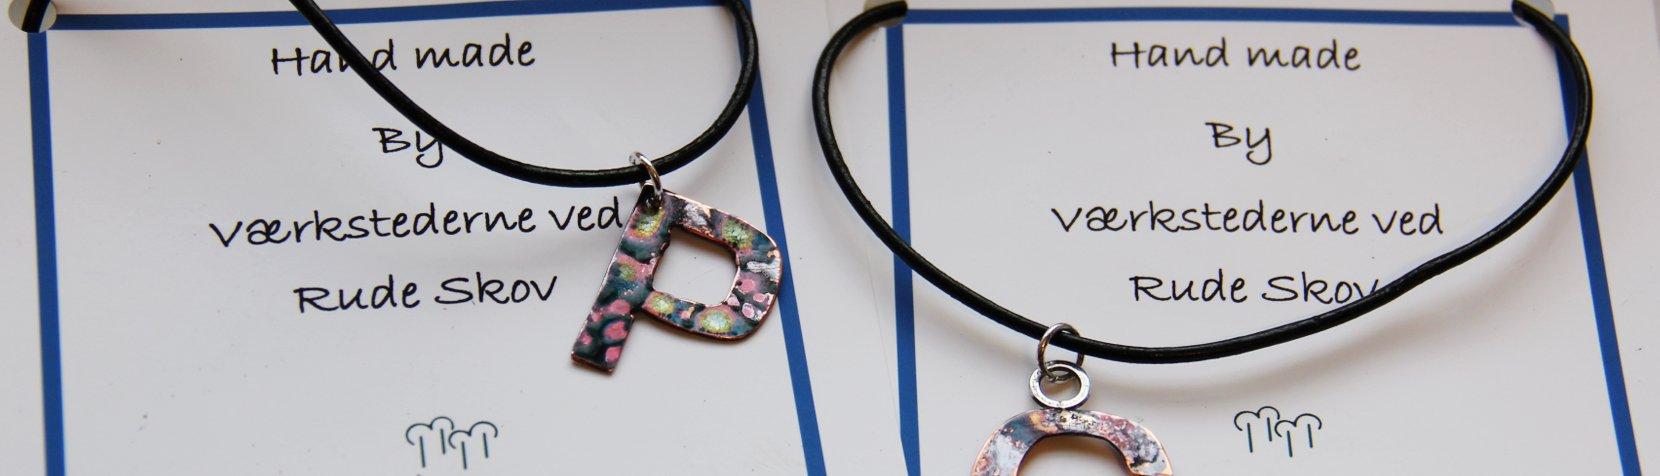 Smykker med mærkatet handmade